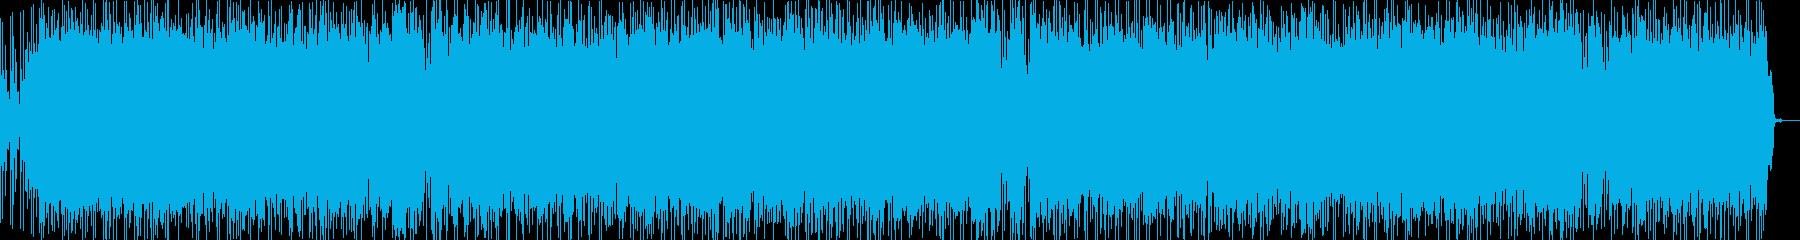 実験的な岩 バックシェイク メタル...の再生済みの波形